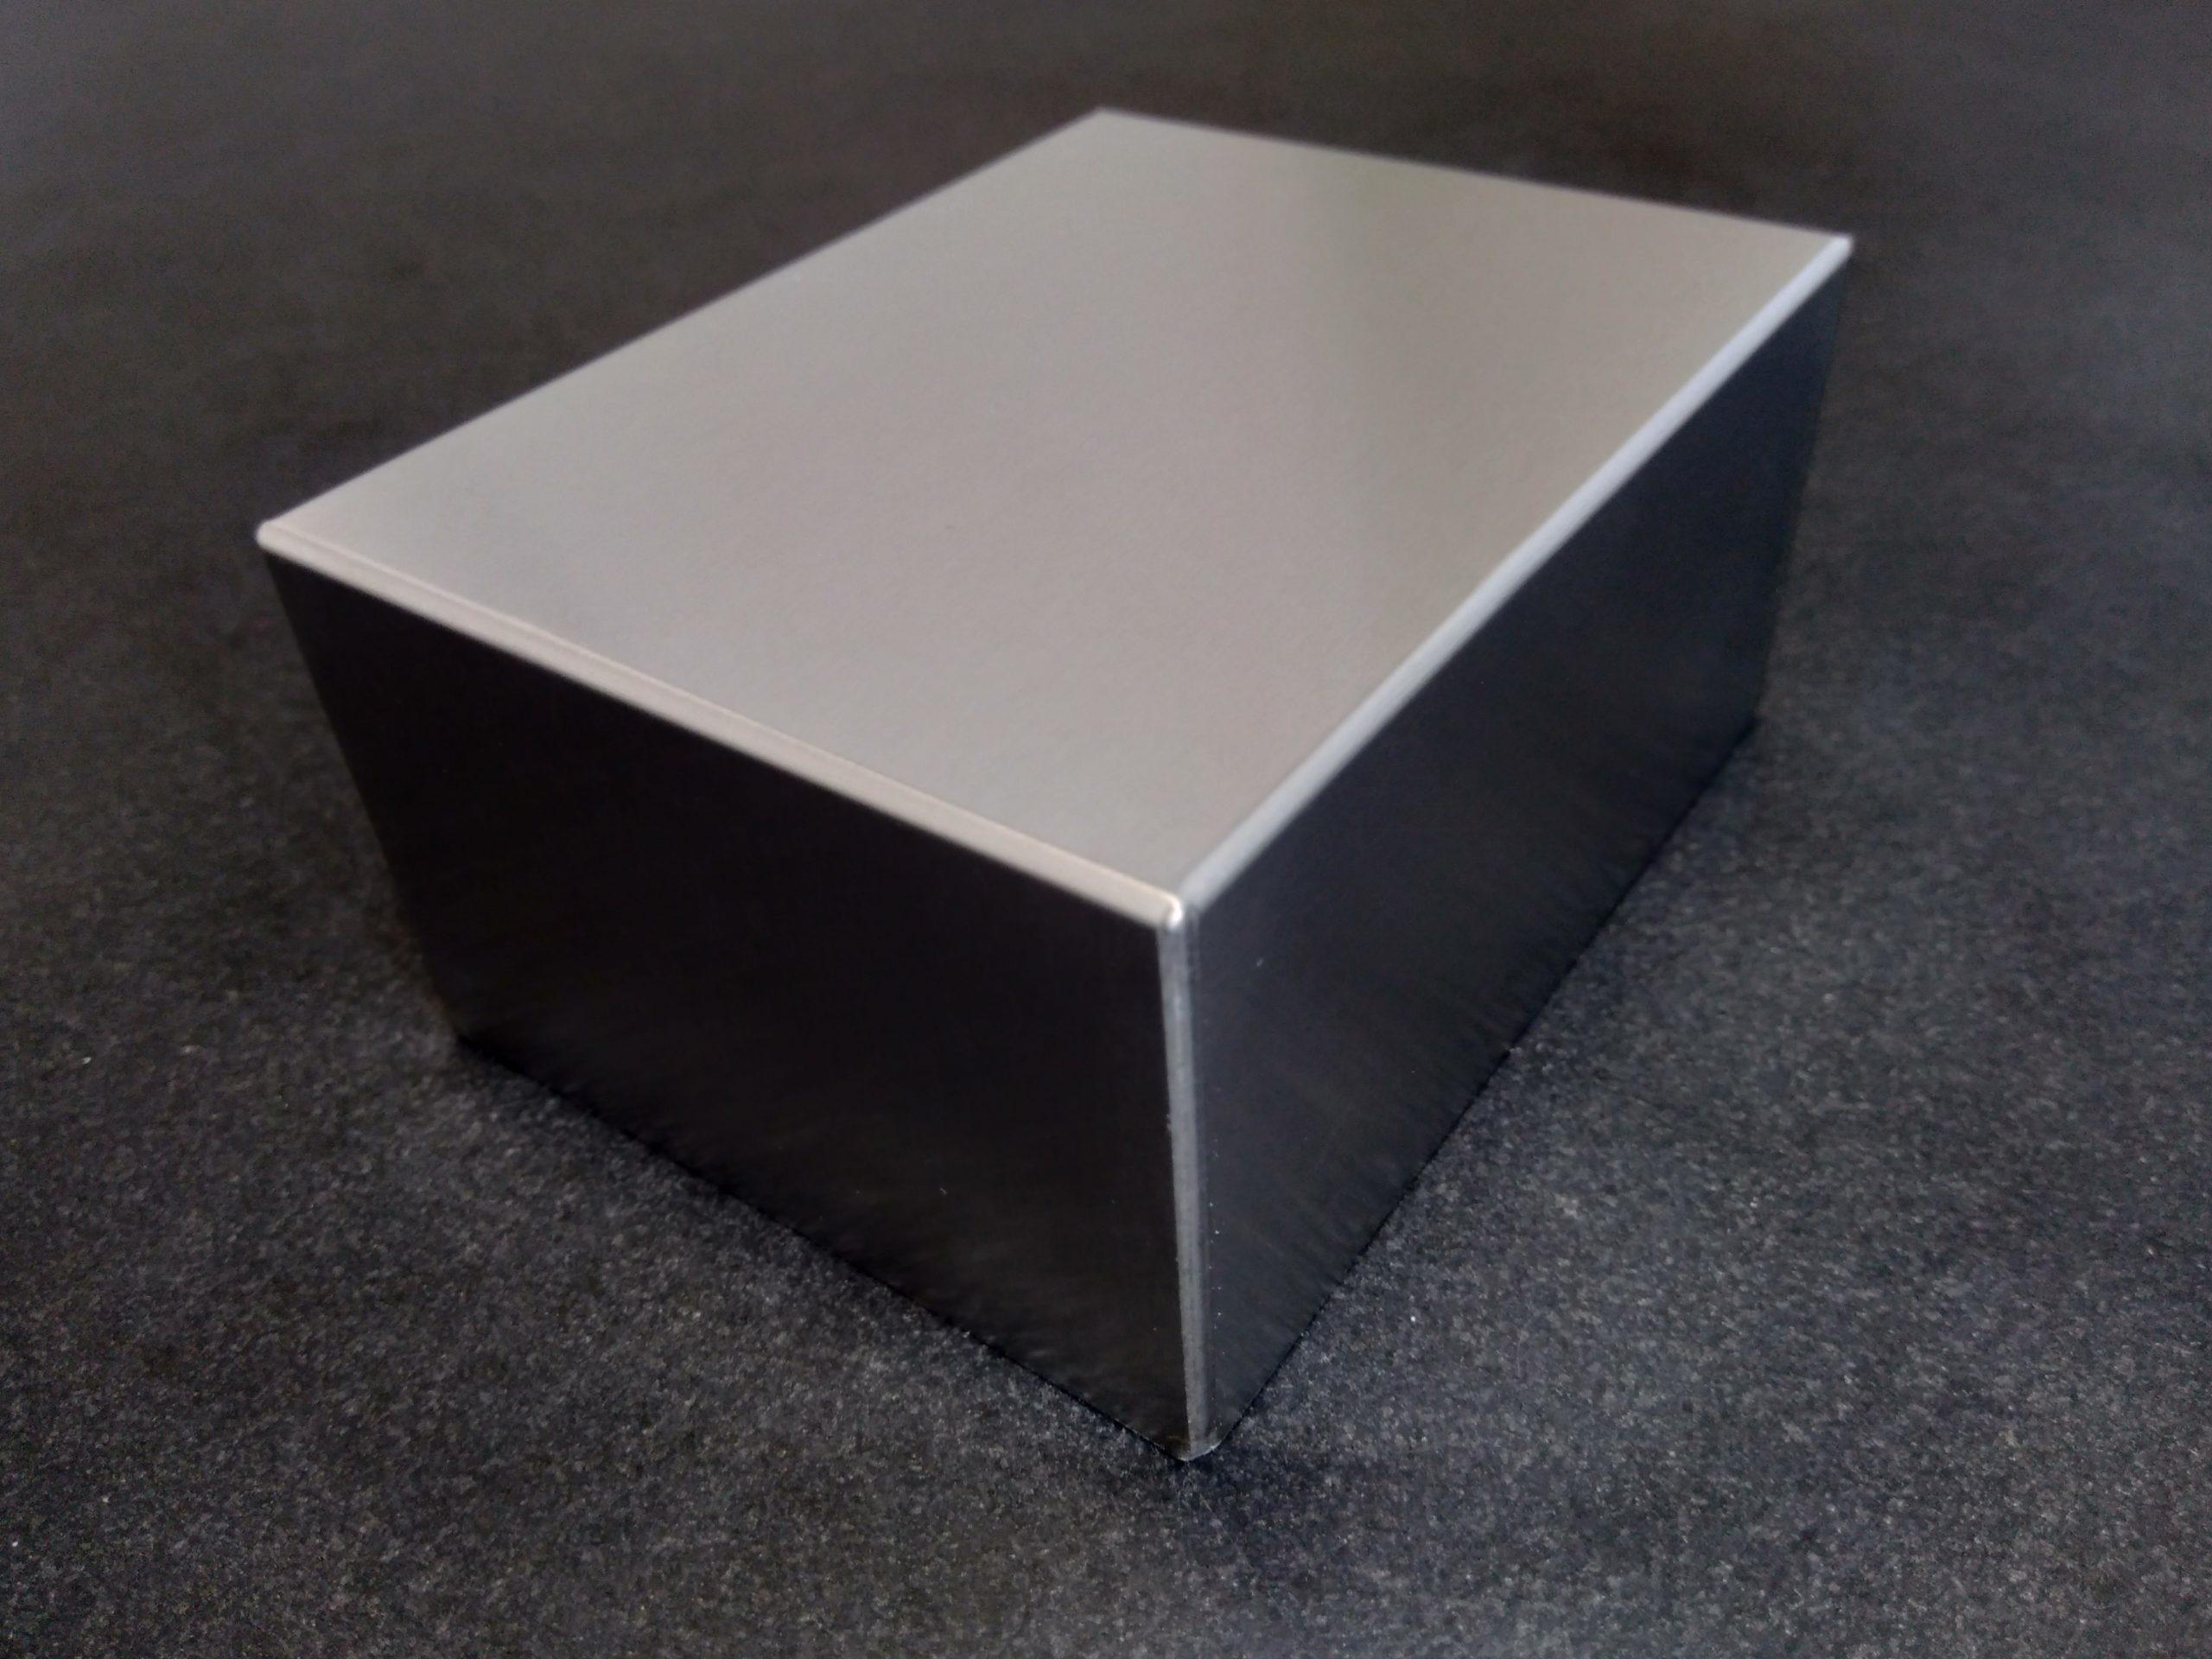 アルミ薄板溶接(溶接仕上げレス)